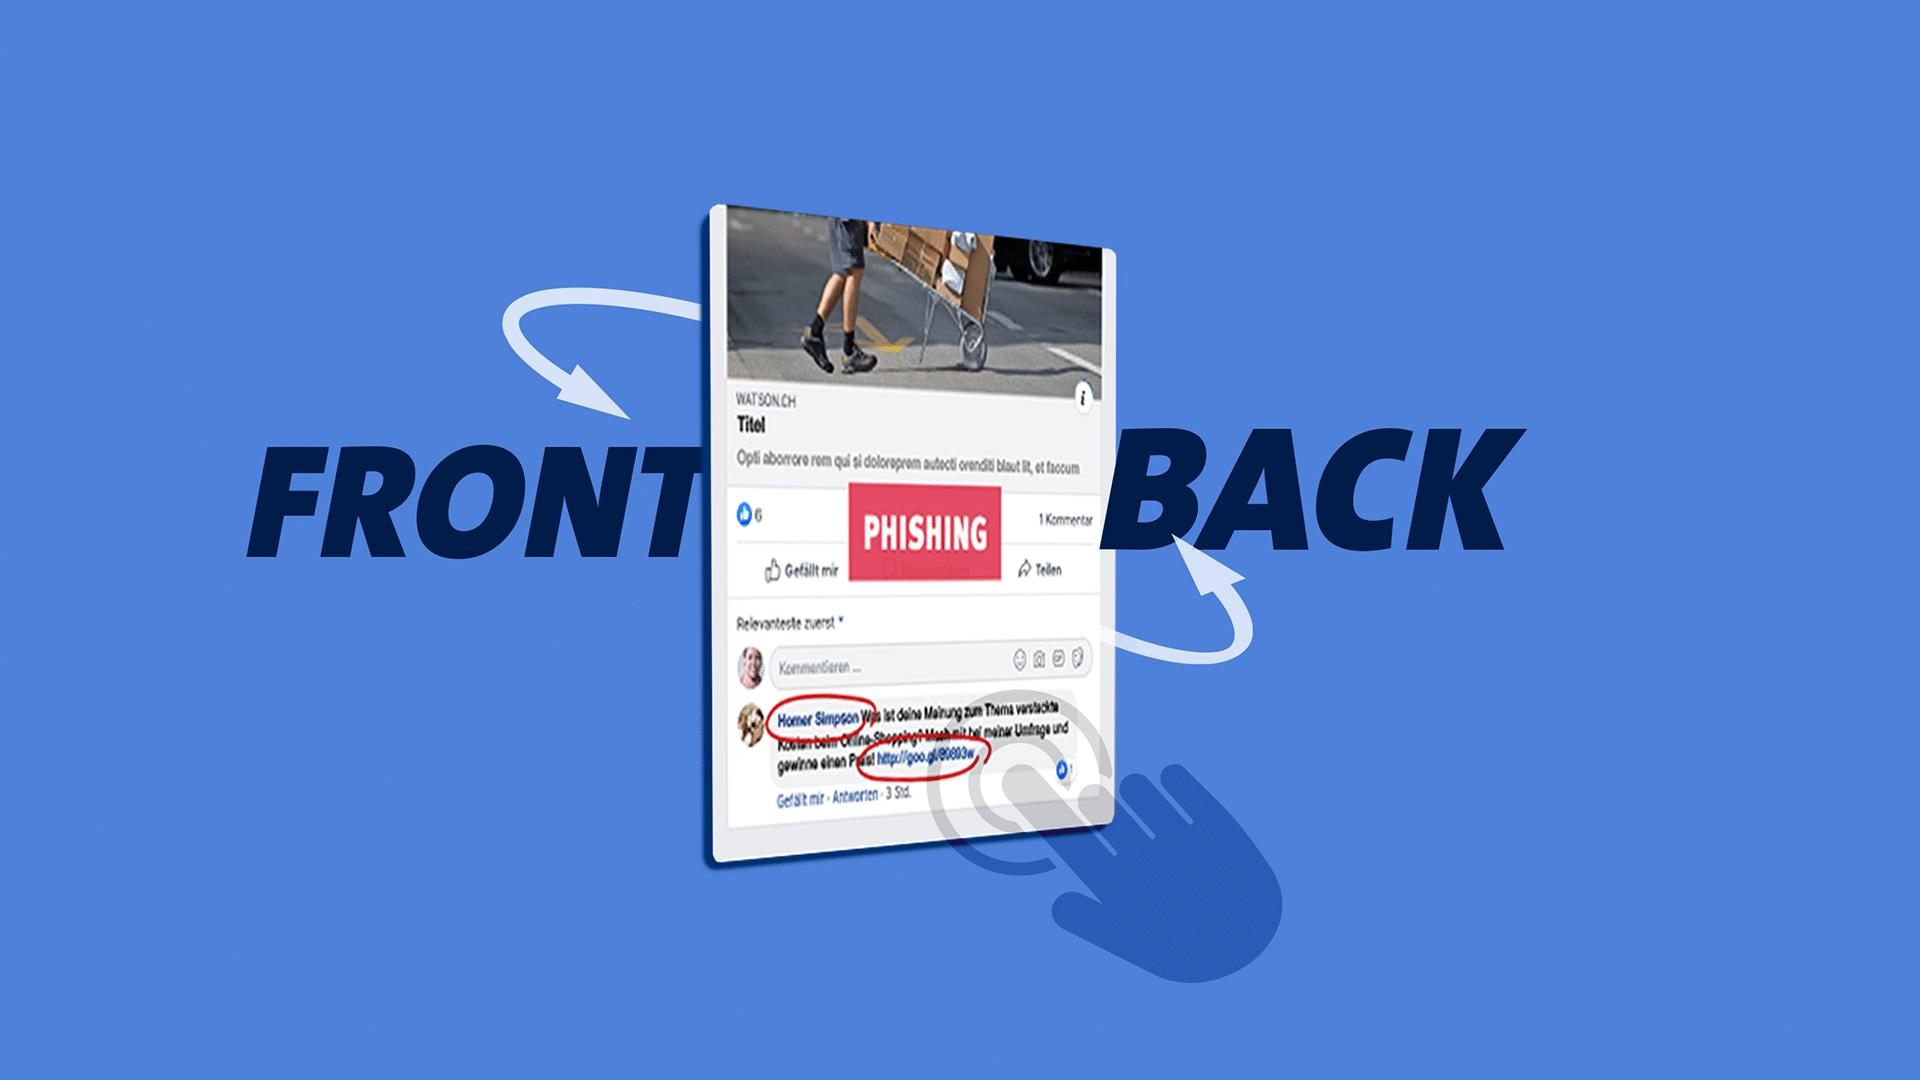 Schweizerinnen und Schweizer fühlen sich nicht immer sicher beim Surfen im Netz. Wendekarten zum Thema «Phishing-Fallen» schliessen diese Wissenslücken.